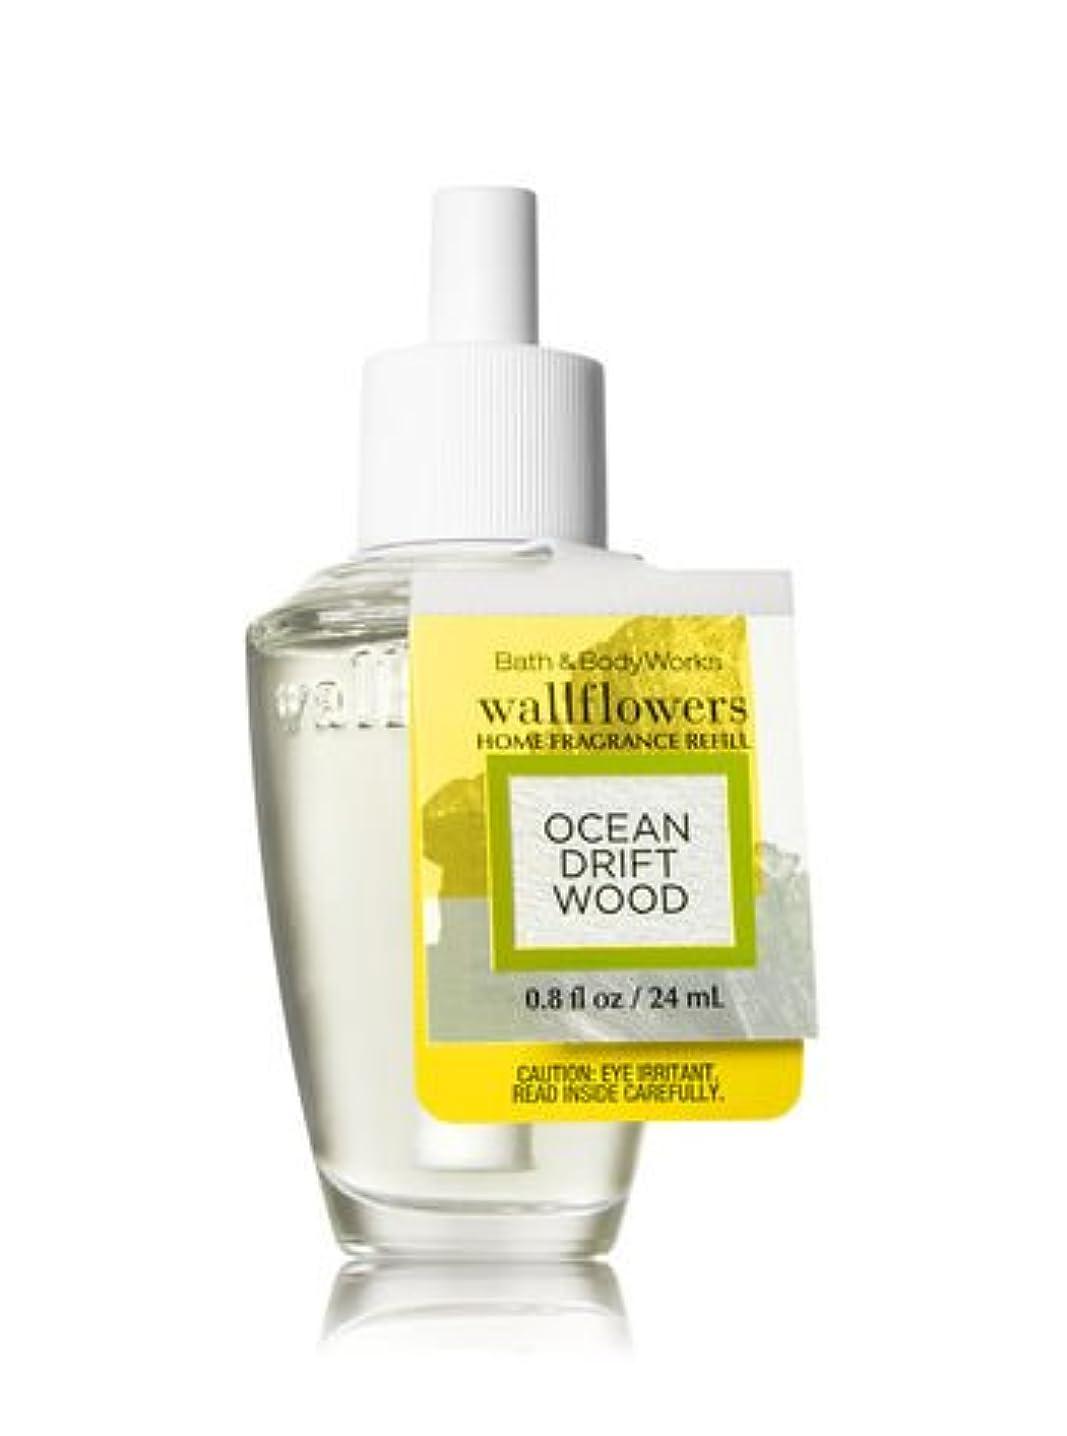 想定する楽しませる独特の【Bath&Body Works/バス&ボディワークス】 ルームフレグランス 詰替えリフィル オーシャンドリフトウッド Wallflowers Home Fragrance Refill Ocean Driftwood [並行輸入品]